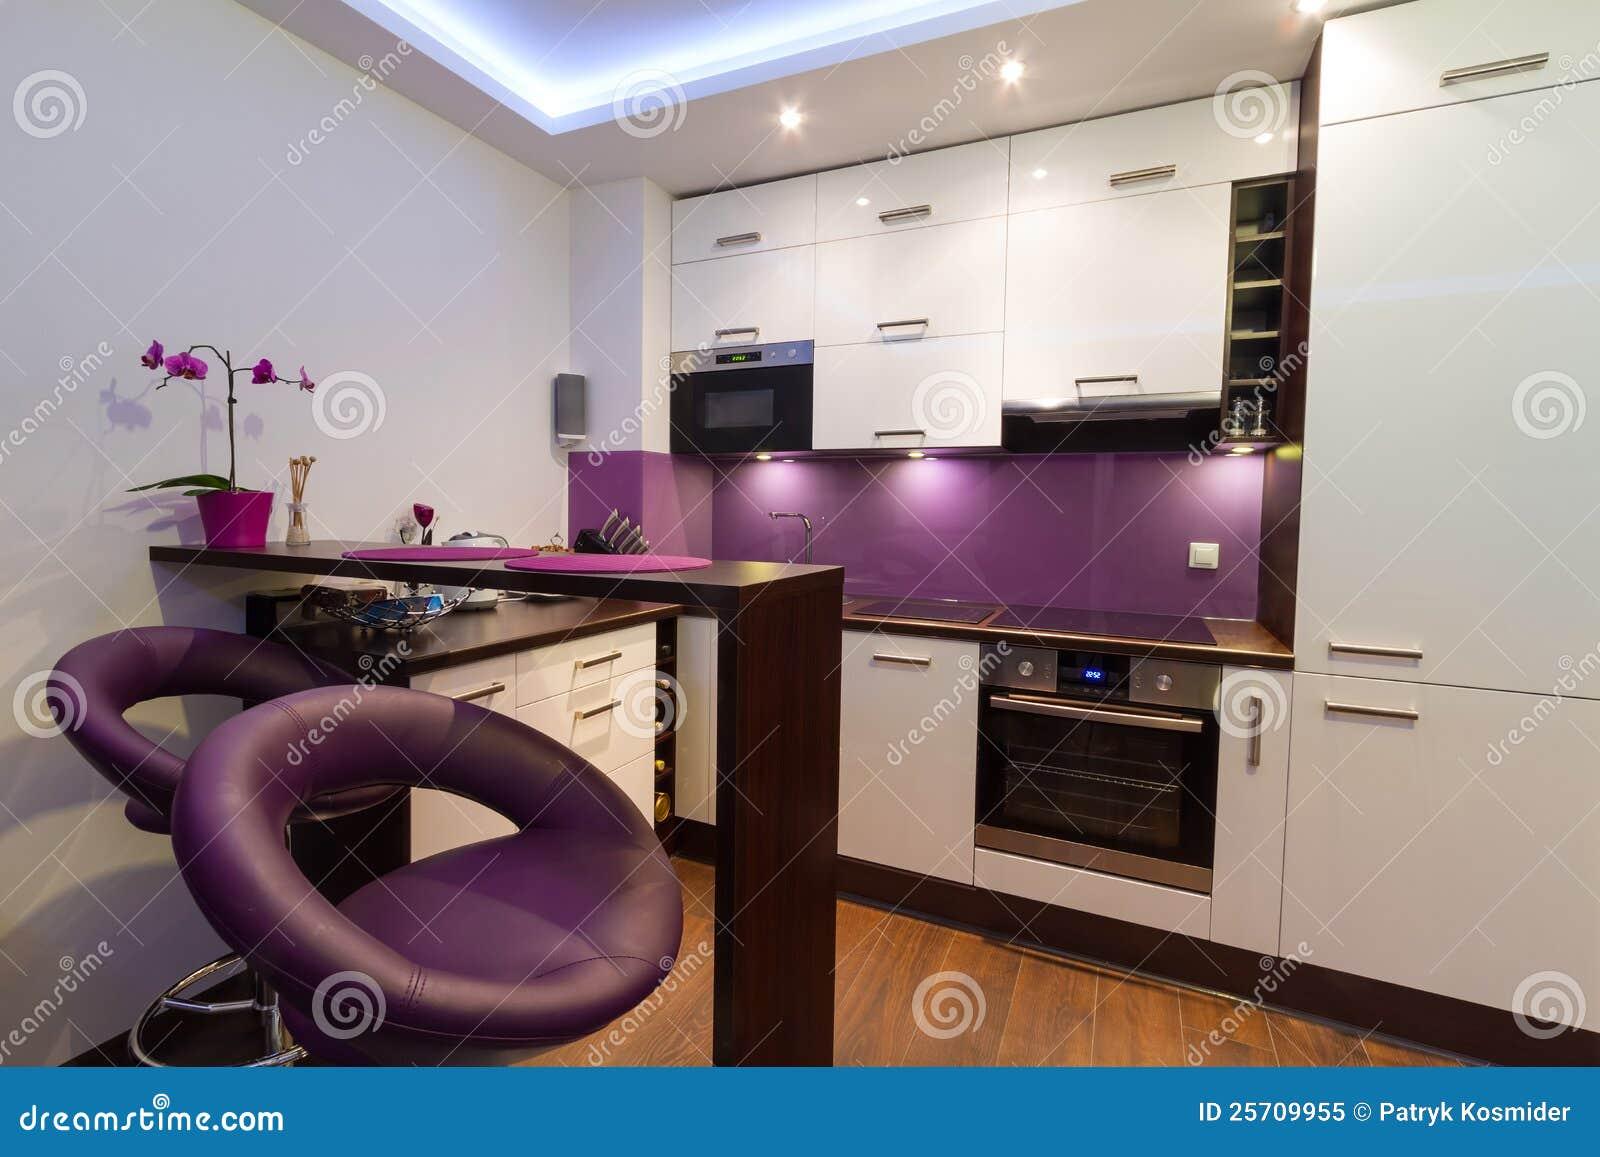 Cuisine blanche et pourpr e moderne image stock image du neuf mode 25709955 - Cuisine a et z ...